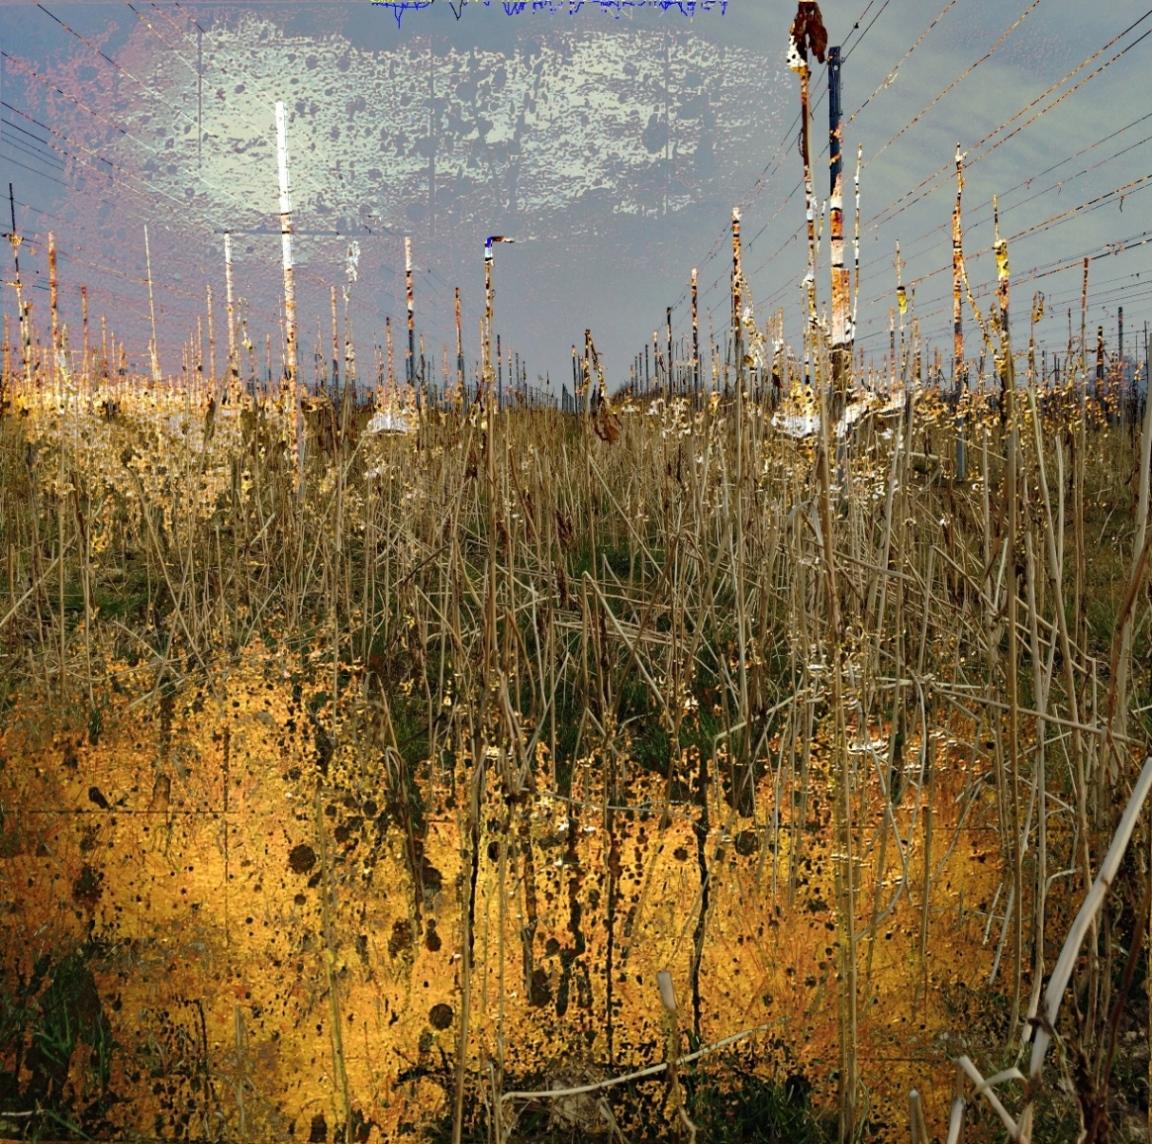 12-02 Mixed Media Blattgold Leinwand 40 x 40 cm-Reben_1-kleiner